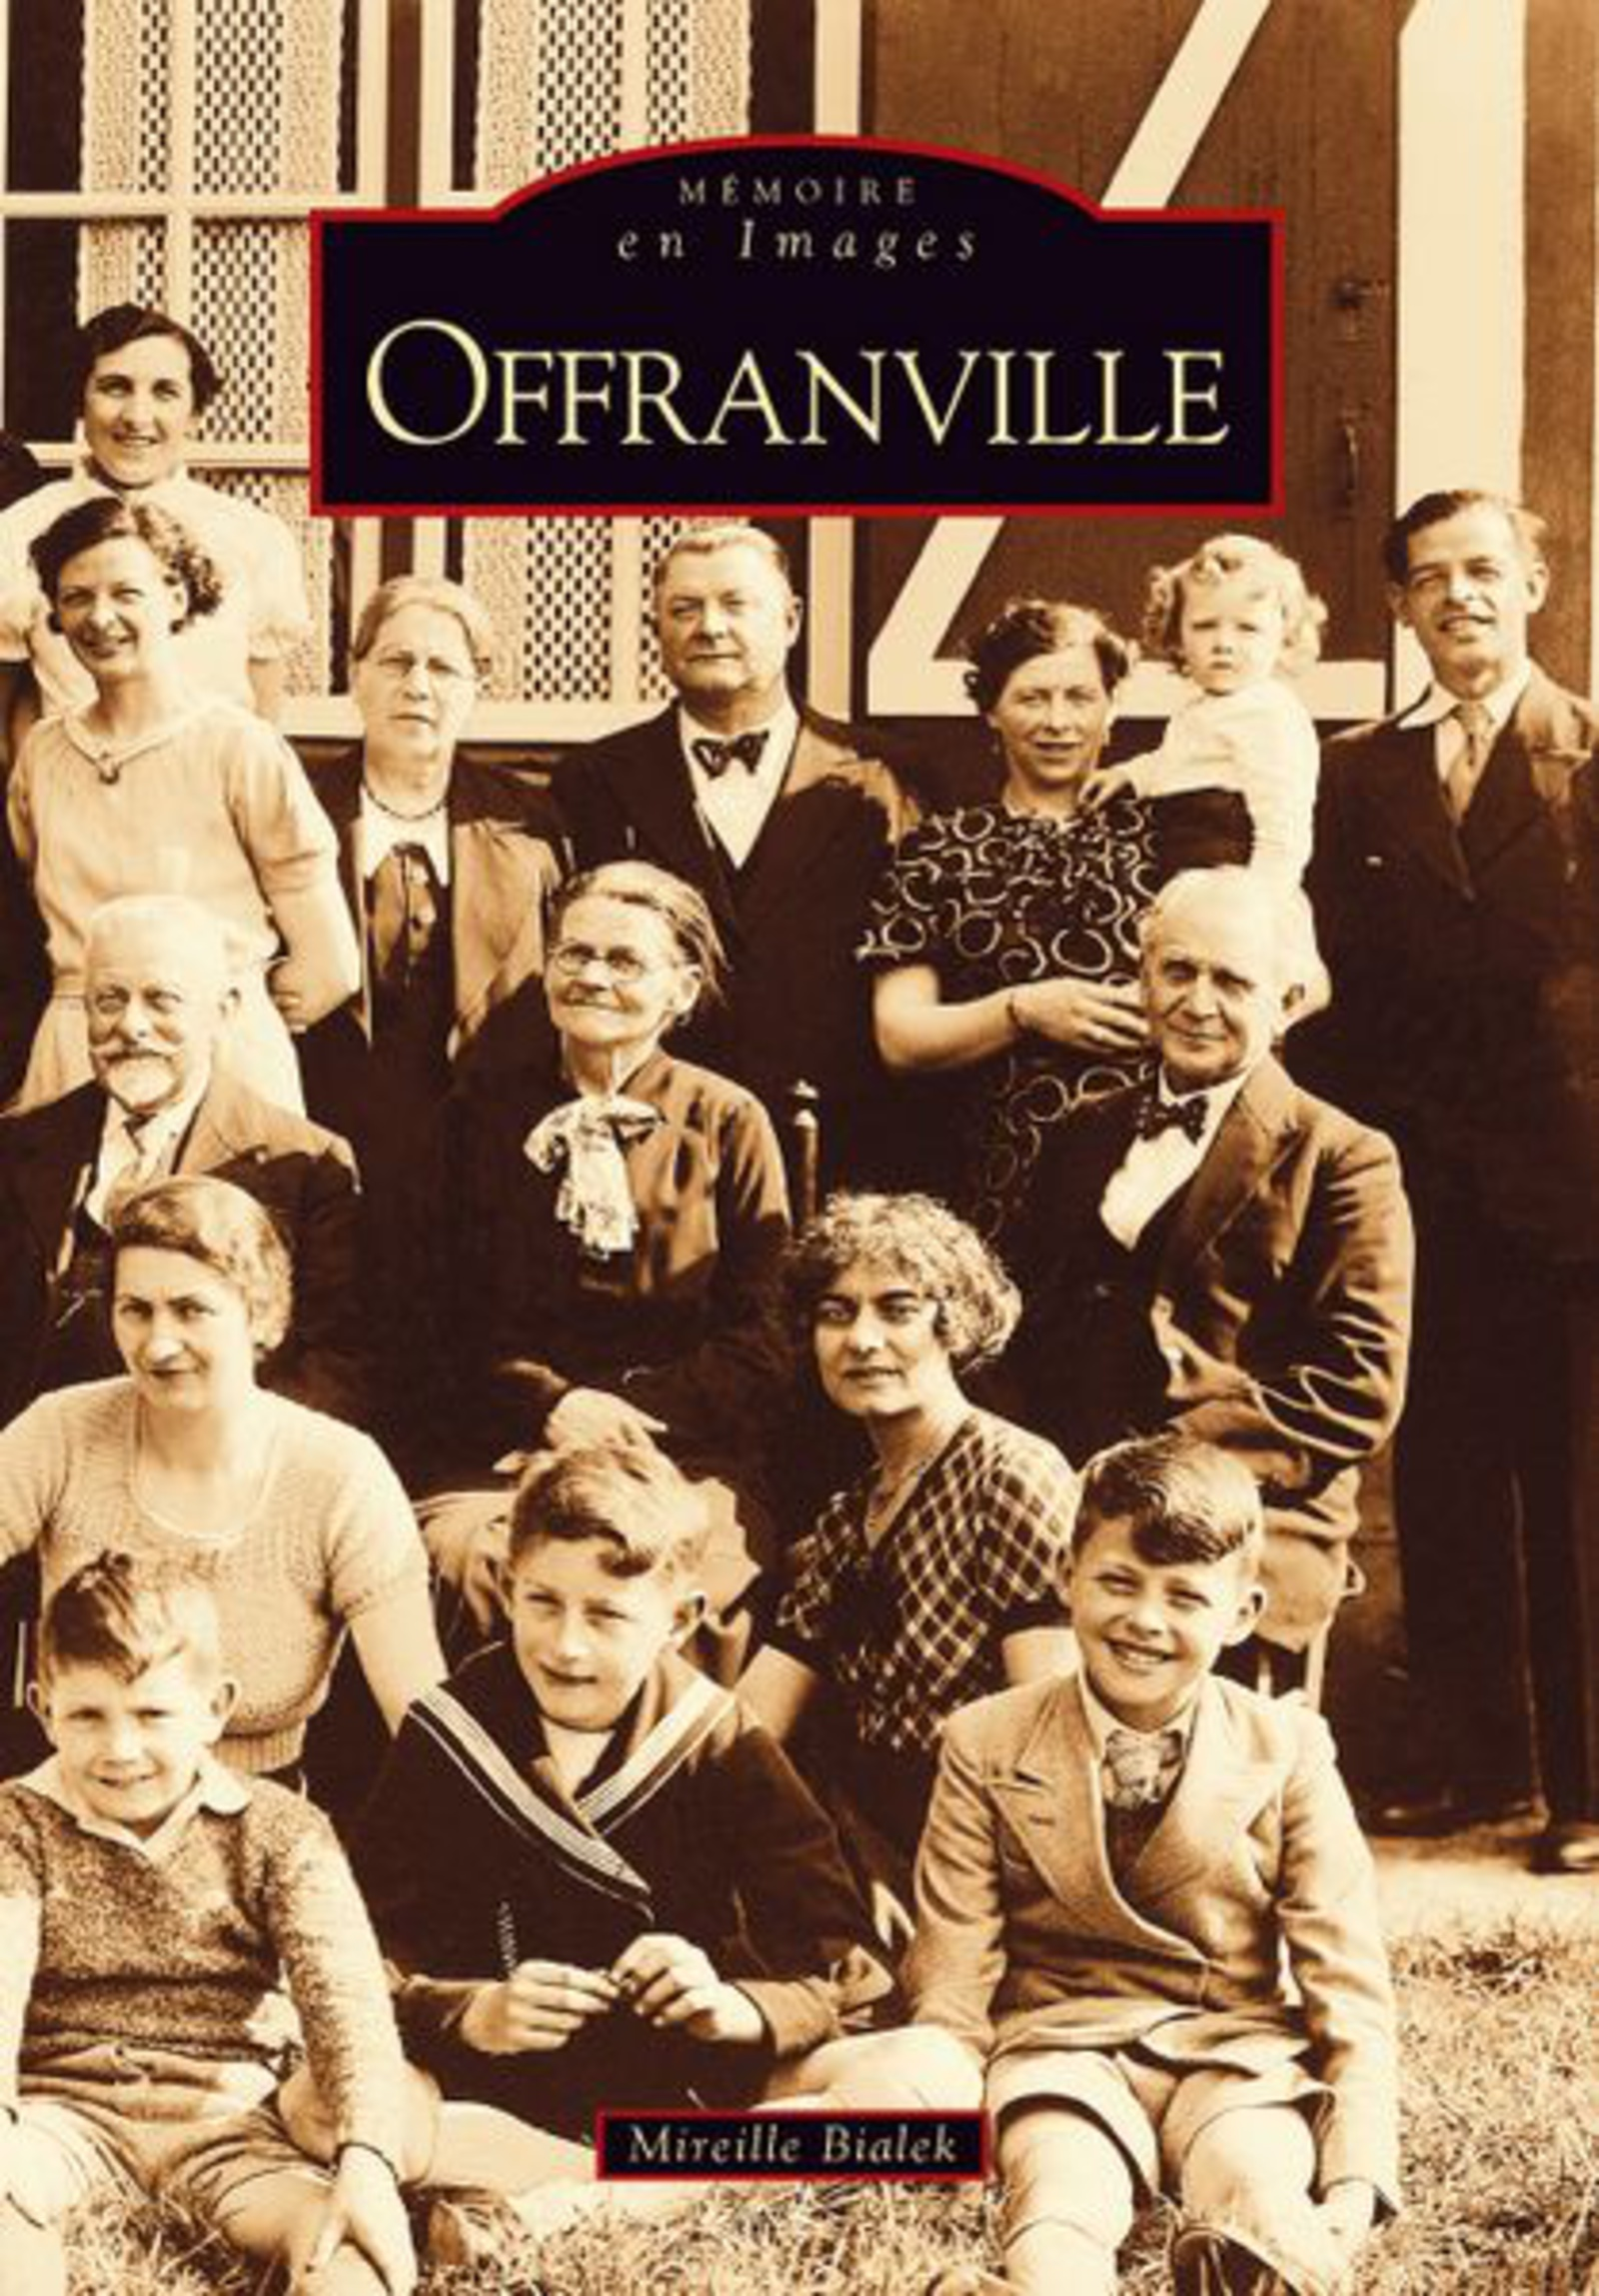 OFFRANVILLE